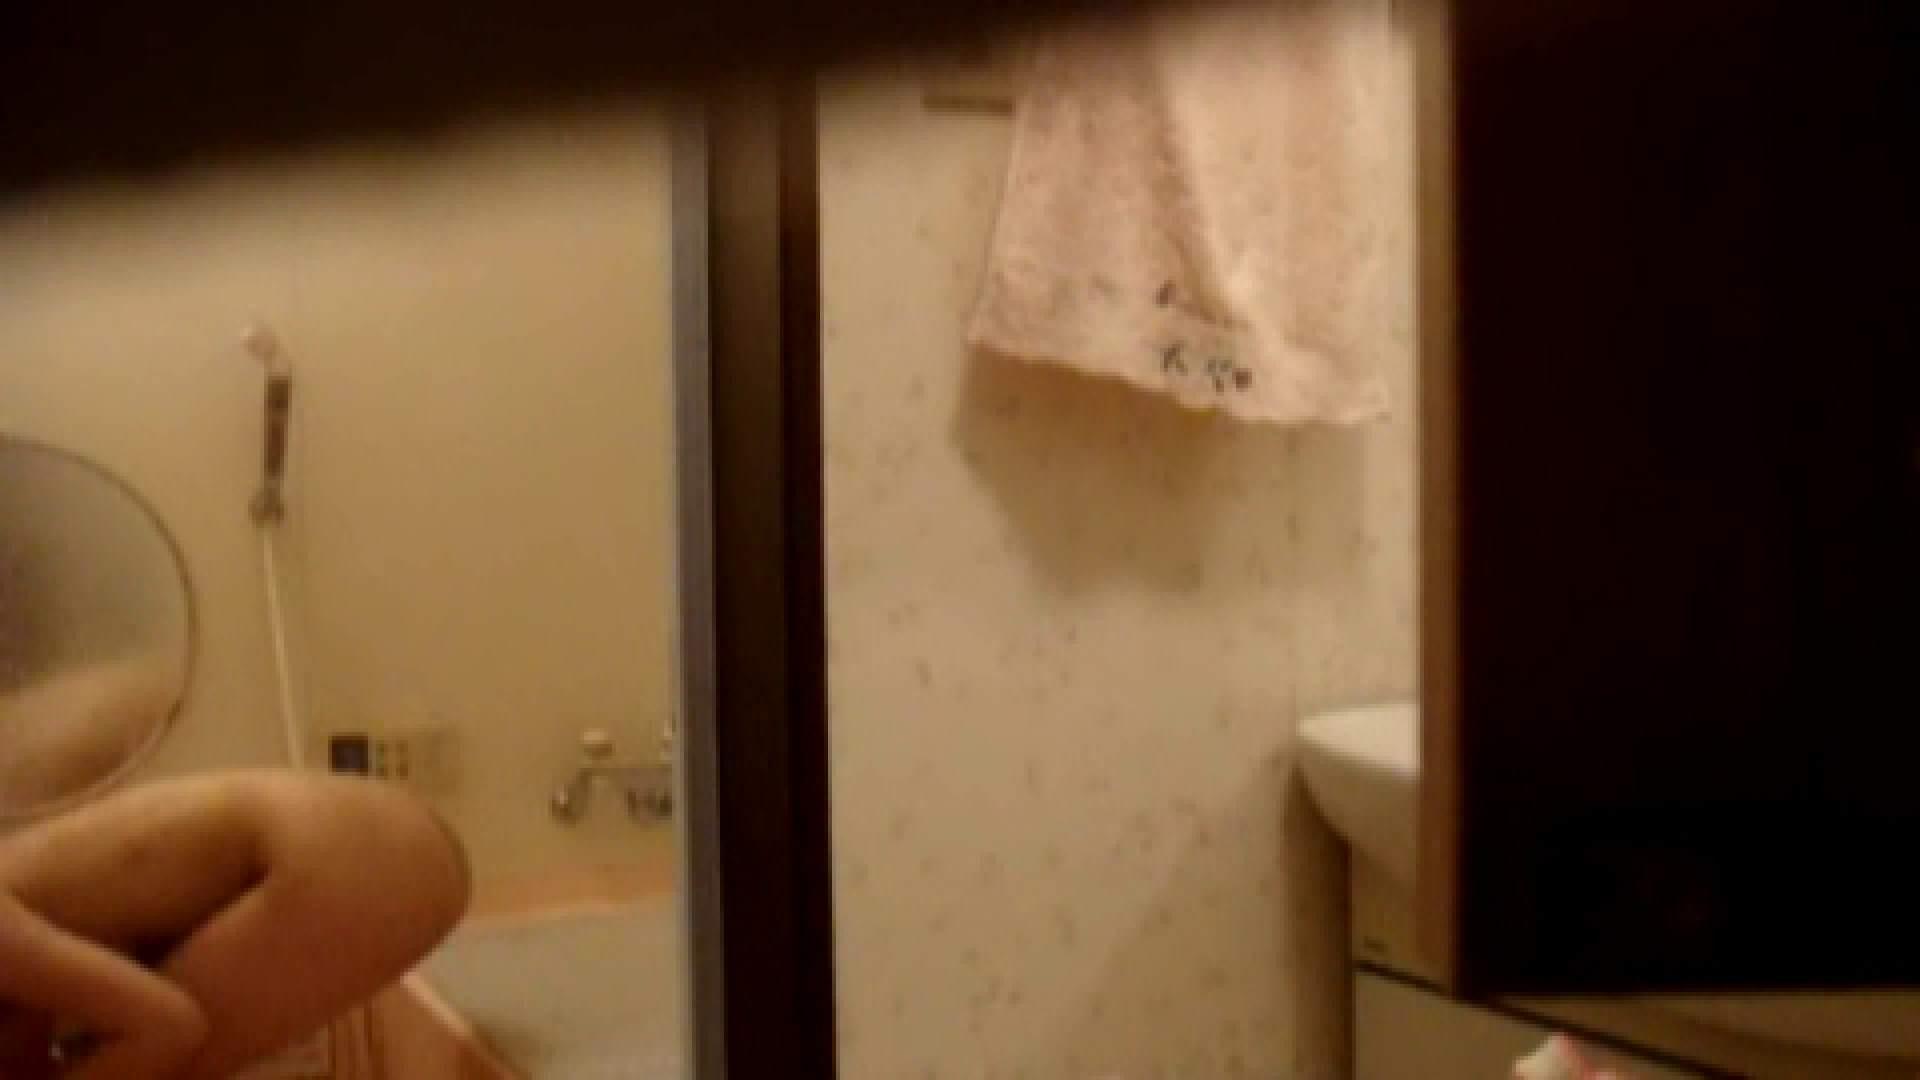 二人とも育てた甲斐がありました… vol.08 まどかの入浴中にカメラに気付いたか!? 入浴  84PIX 10